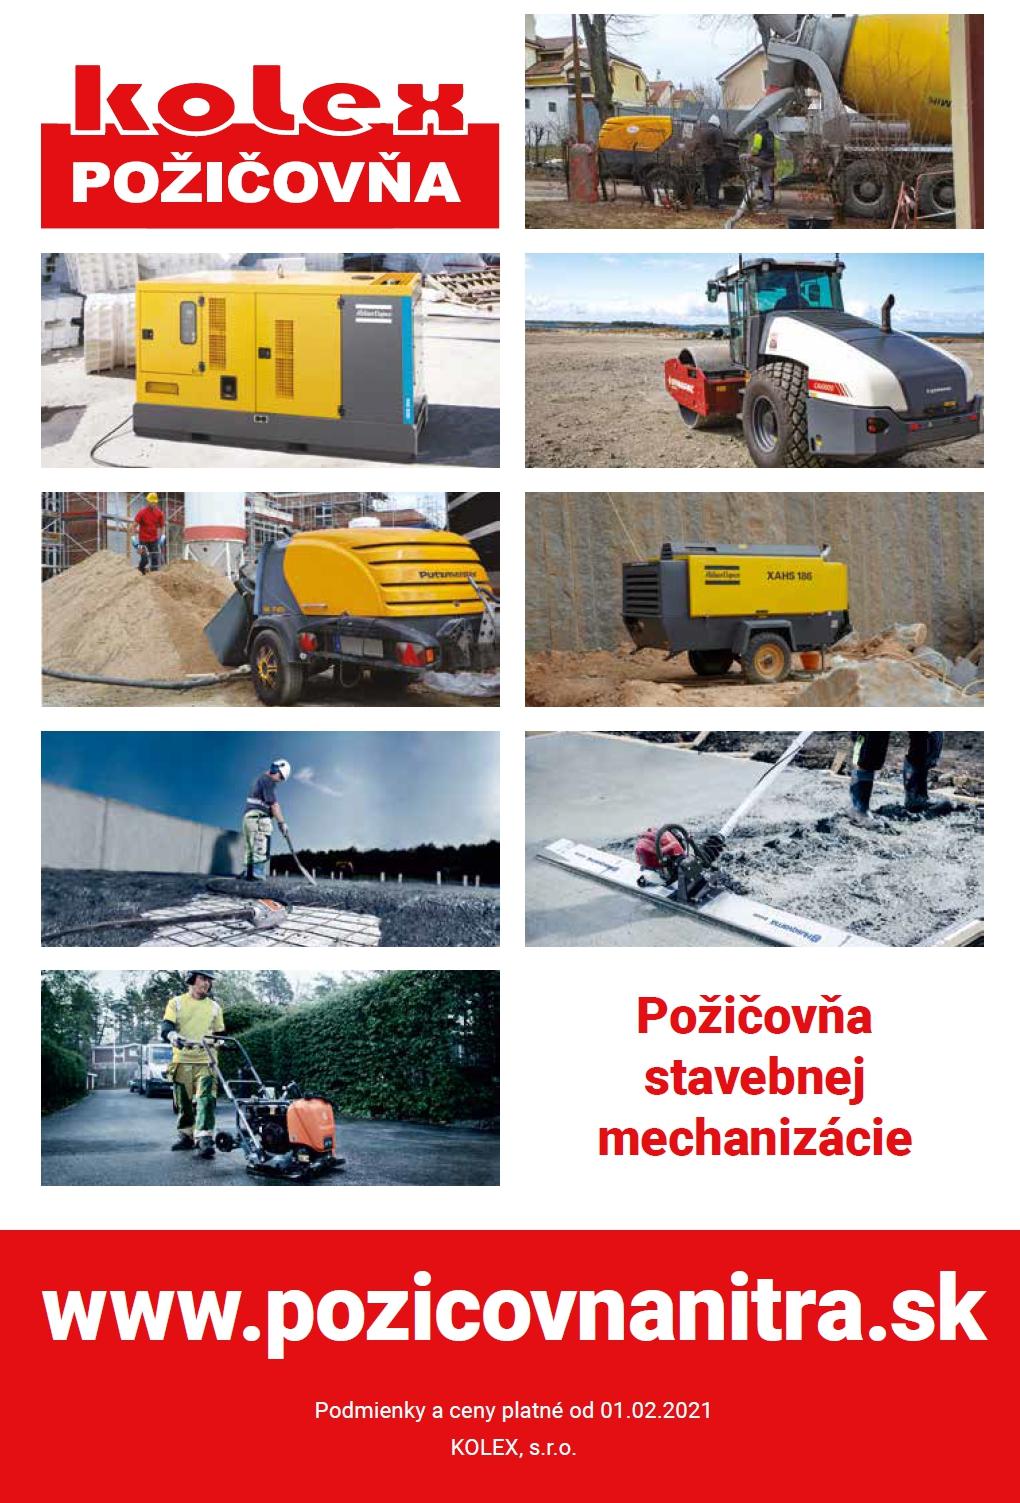 cennik prenajmu stavebnych strojov